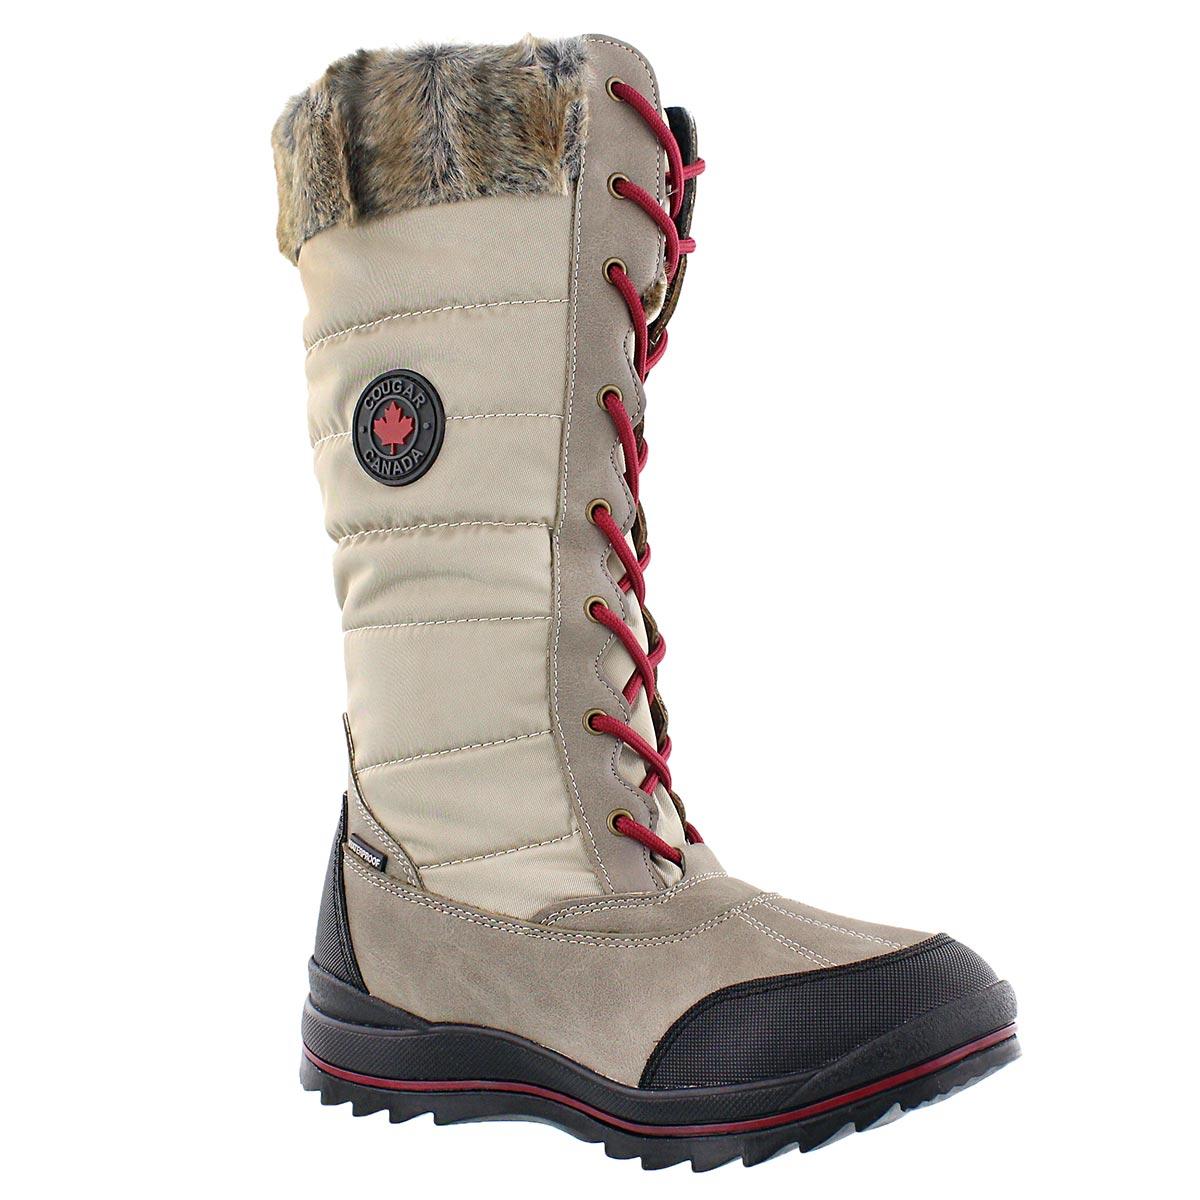 Women's CHATEAU oatmeal waterproof winter boots